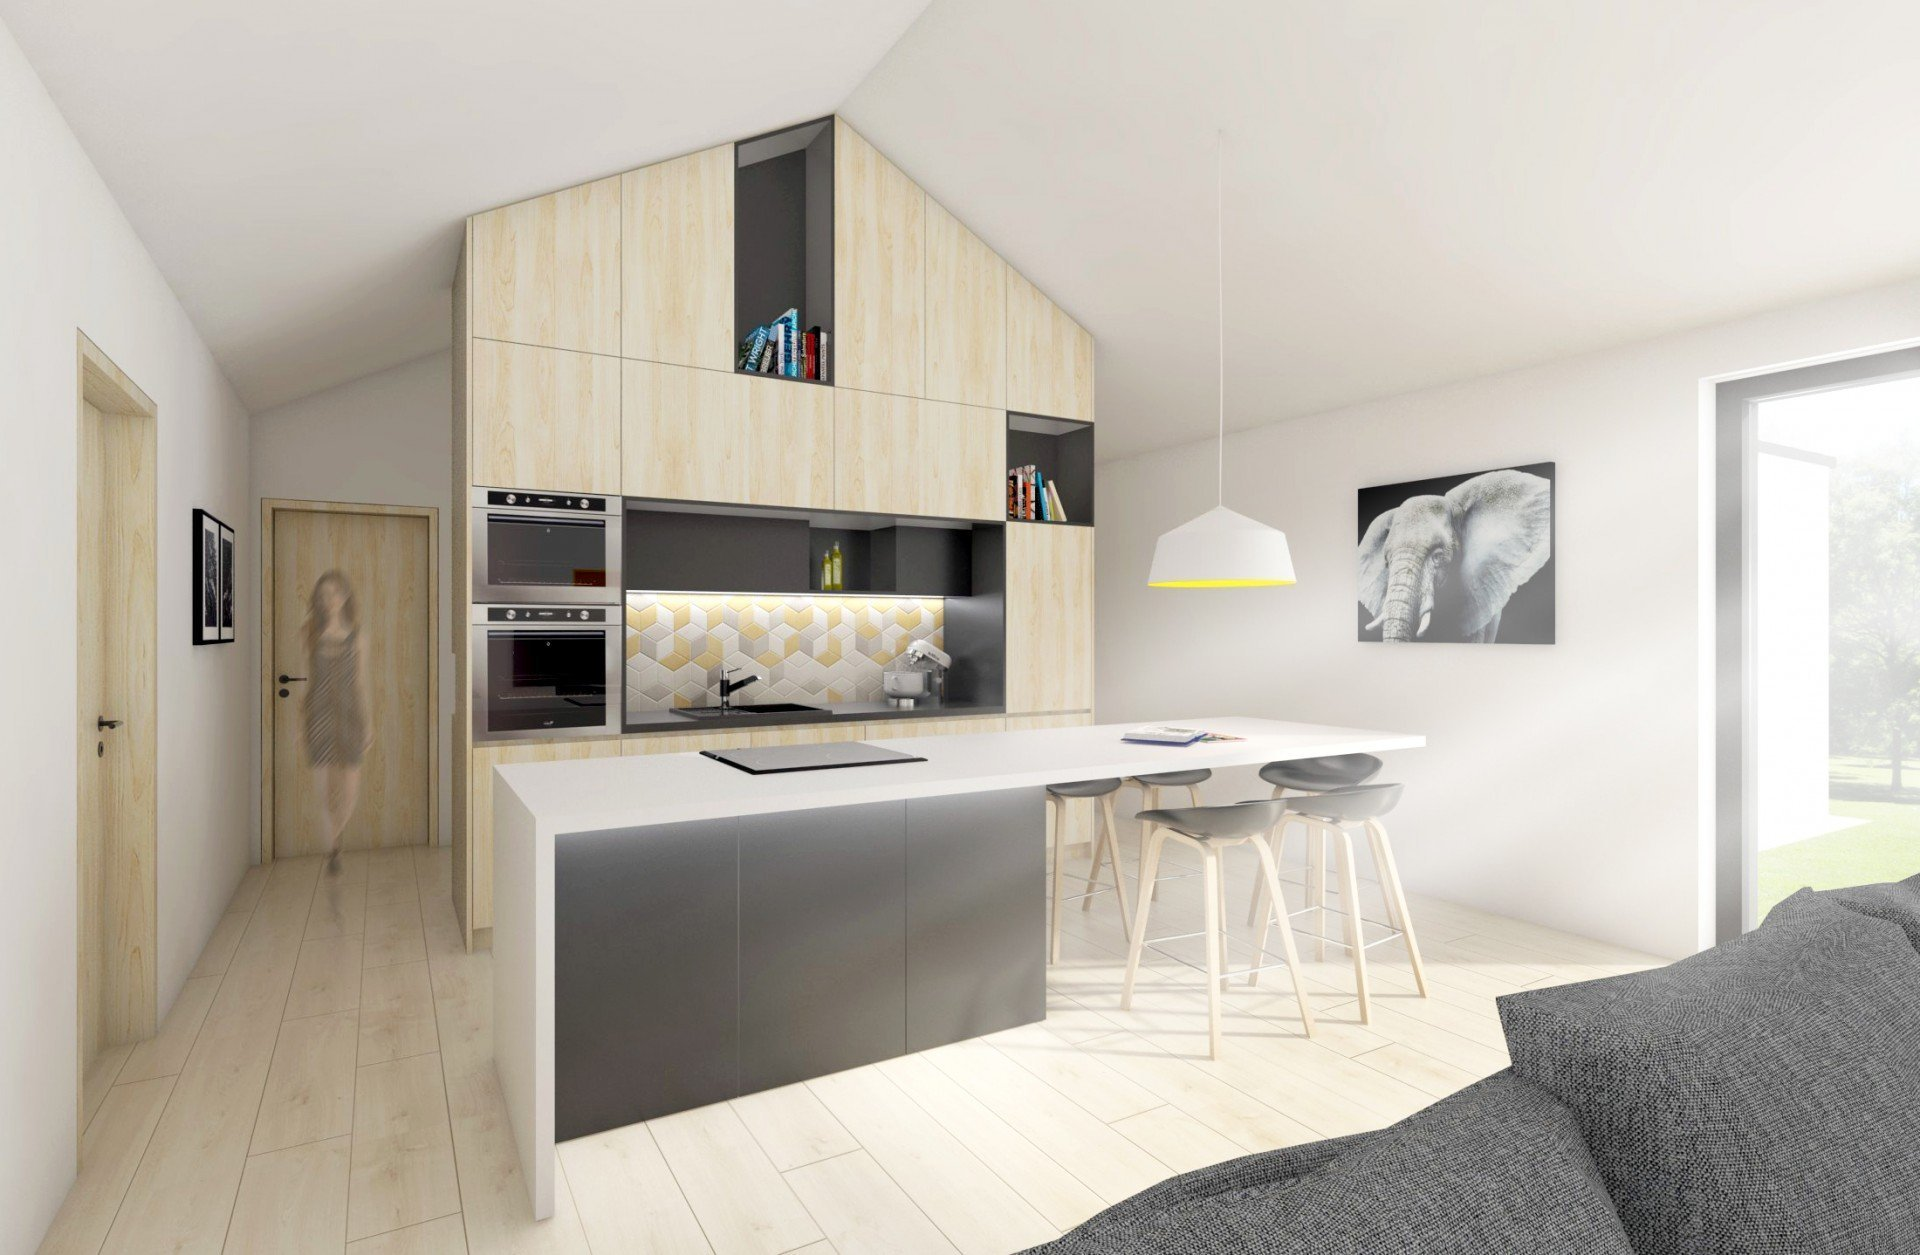 Už dnes si môžete prísť pozrieť vzorový dom Motiv, jeho štandardné vybavenie, ako i nábytok, ktorý dodávala naša spoločnosť.Výnimočnou vlastnosťou tohto…